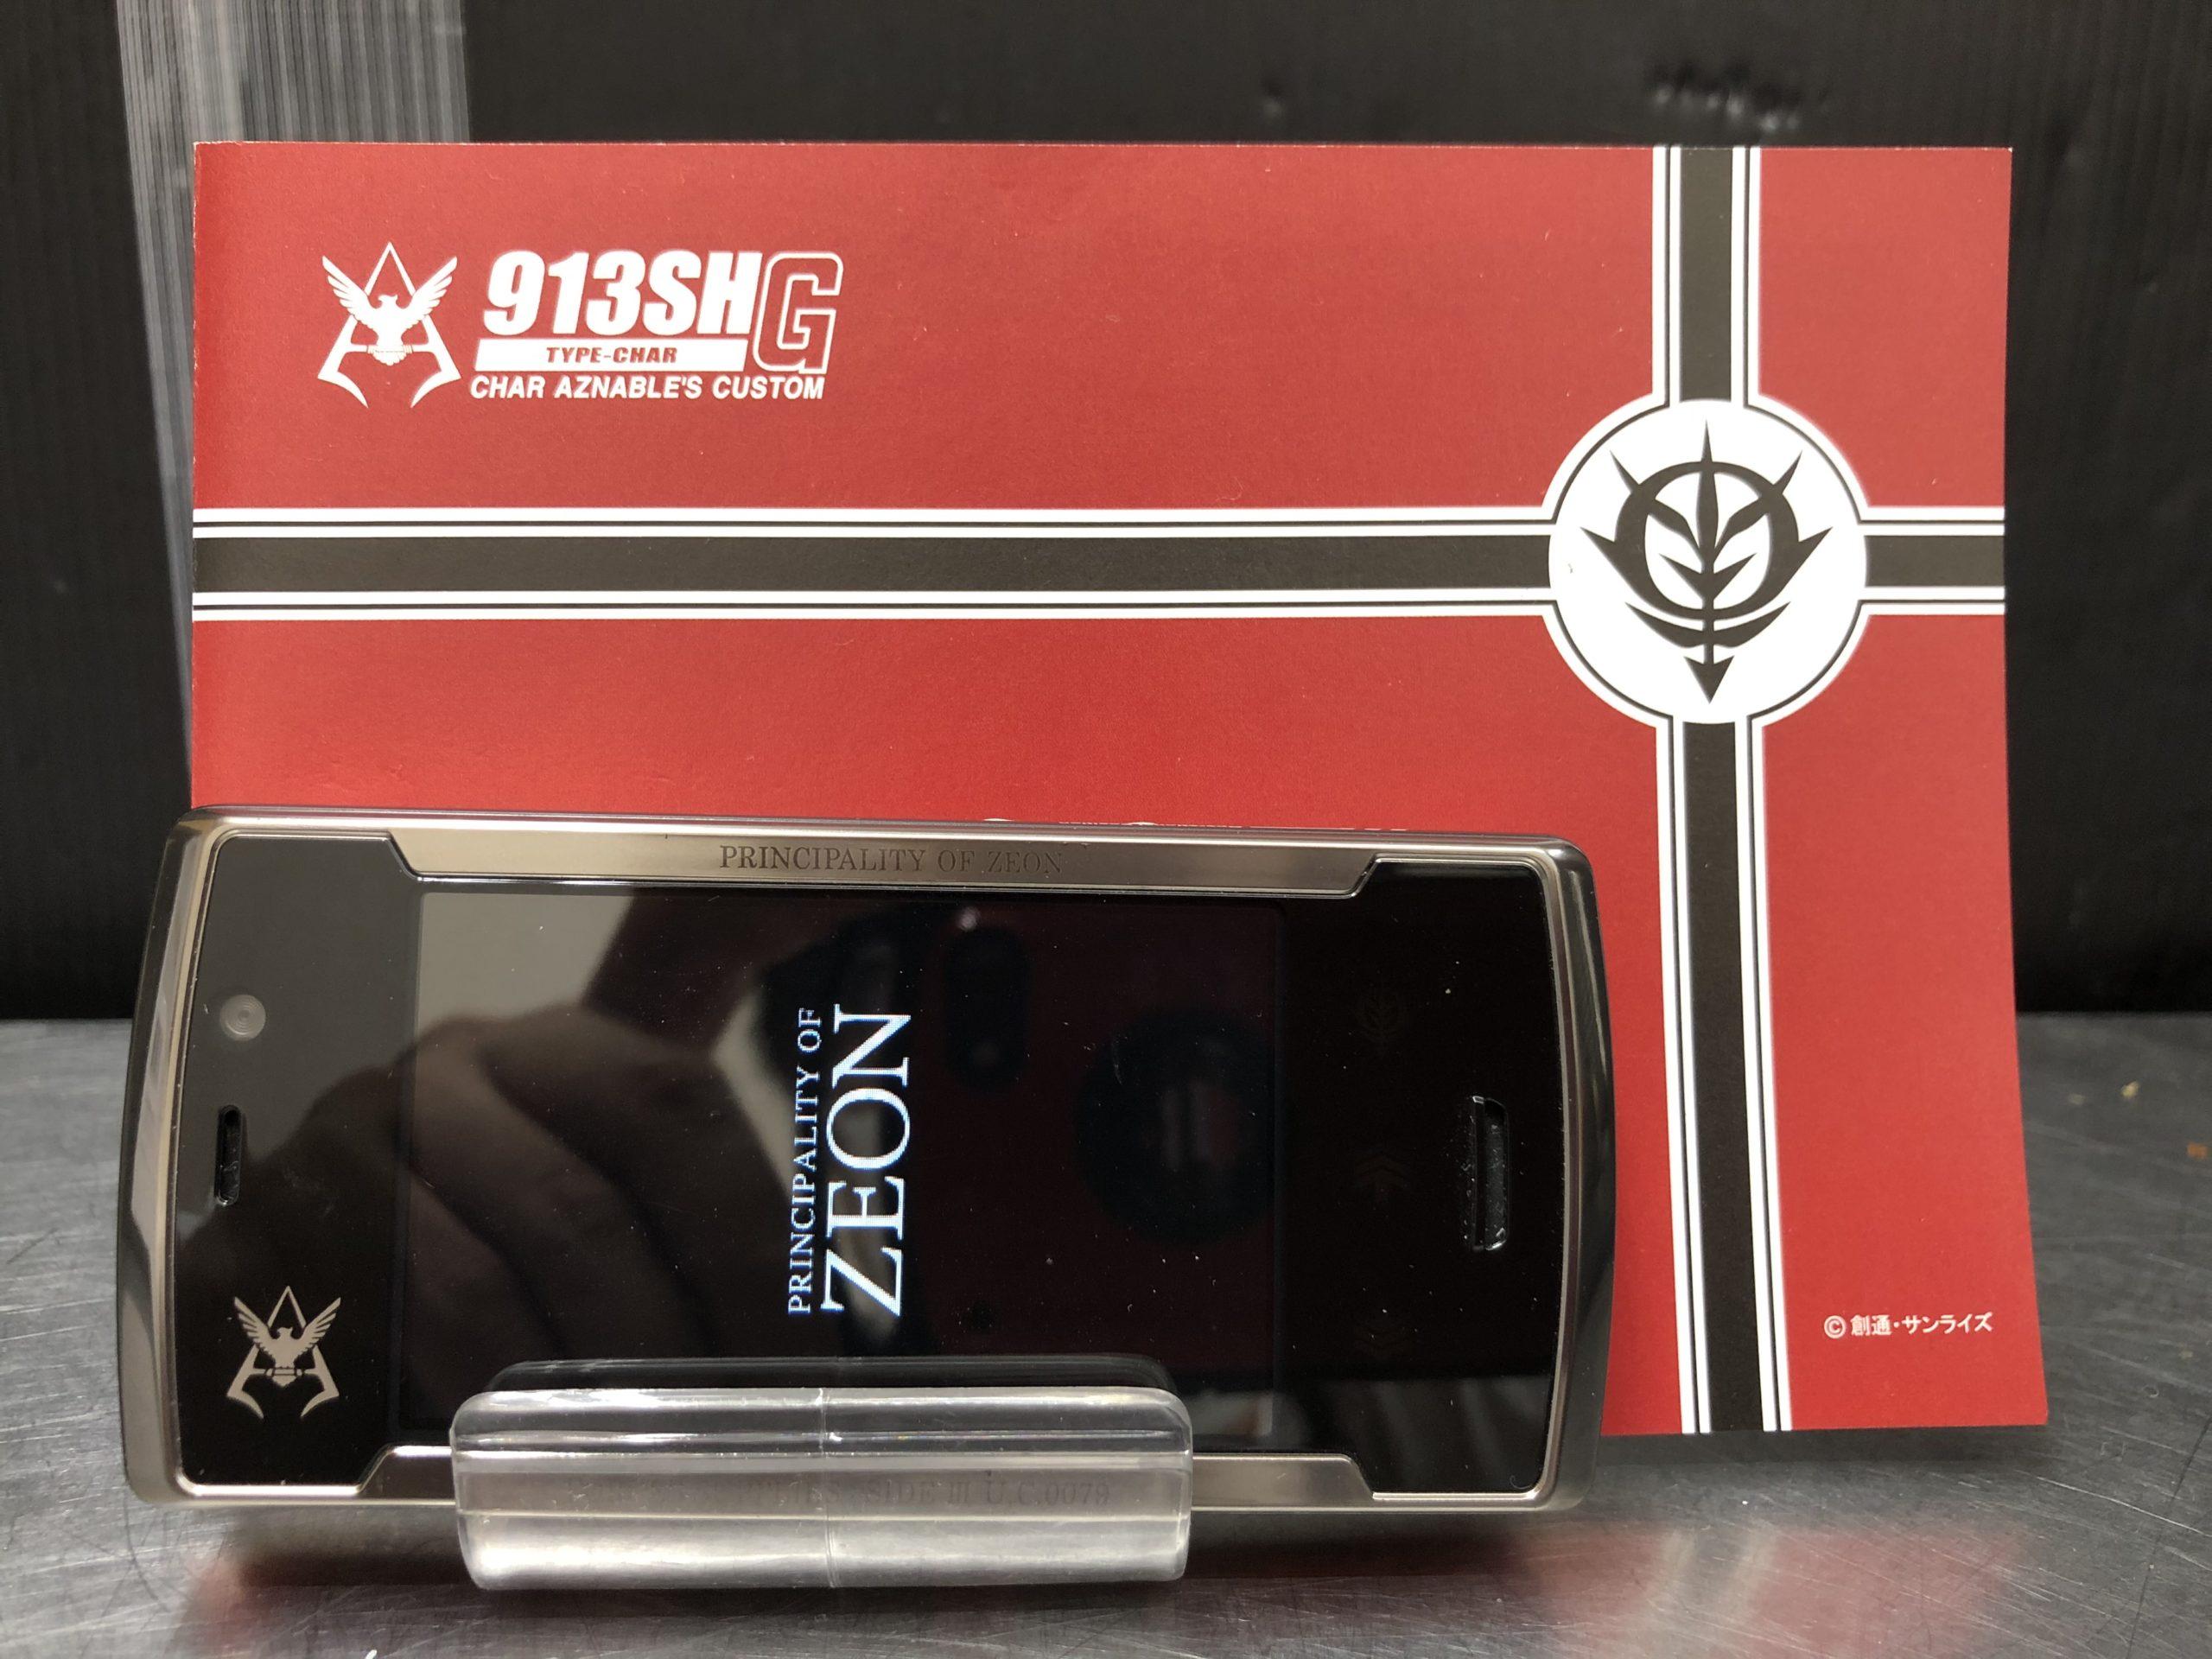 Softbank ソフトバンク シャア専用 携帯 913SHG ガラケー をお買取りさせて頂きました!!の買取-